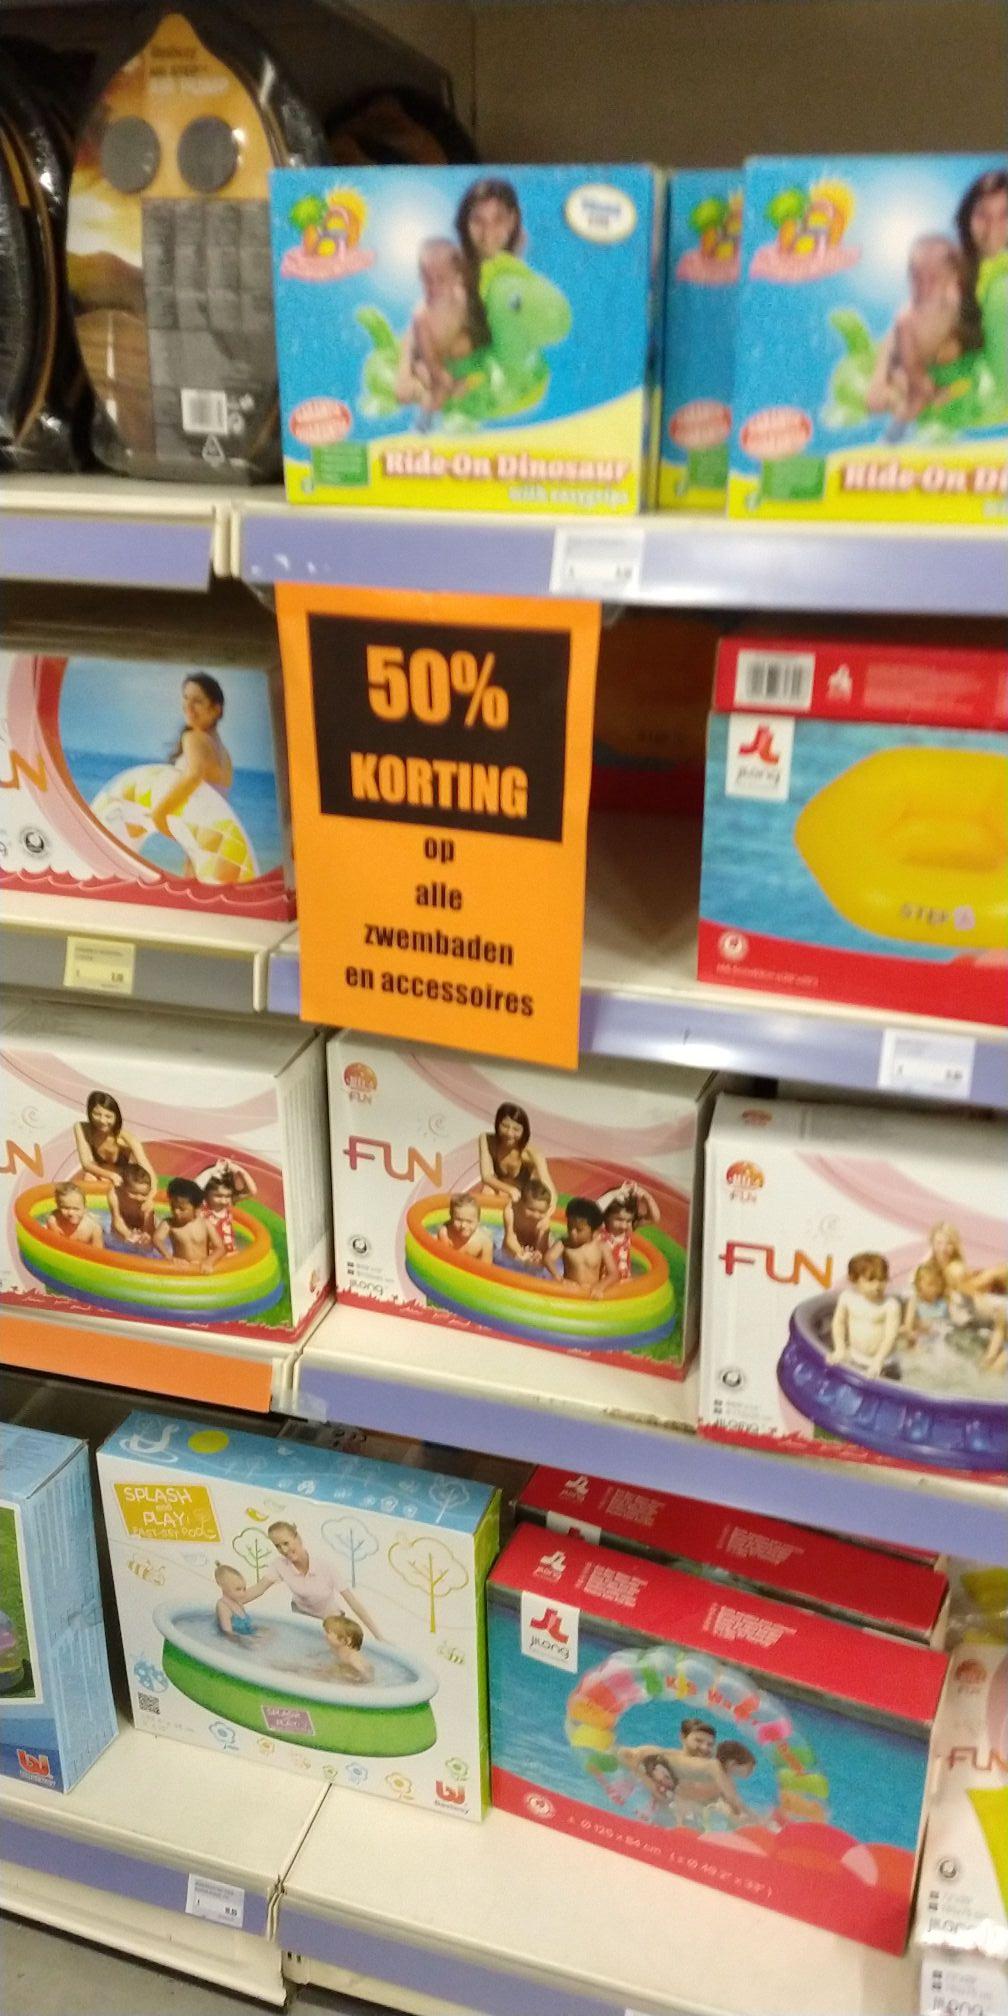 50% korting op alle zwembaden en accessoires bij Formido Leeuwarden